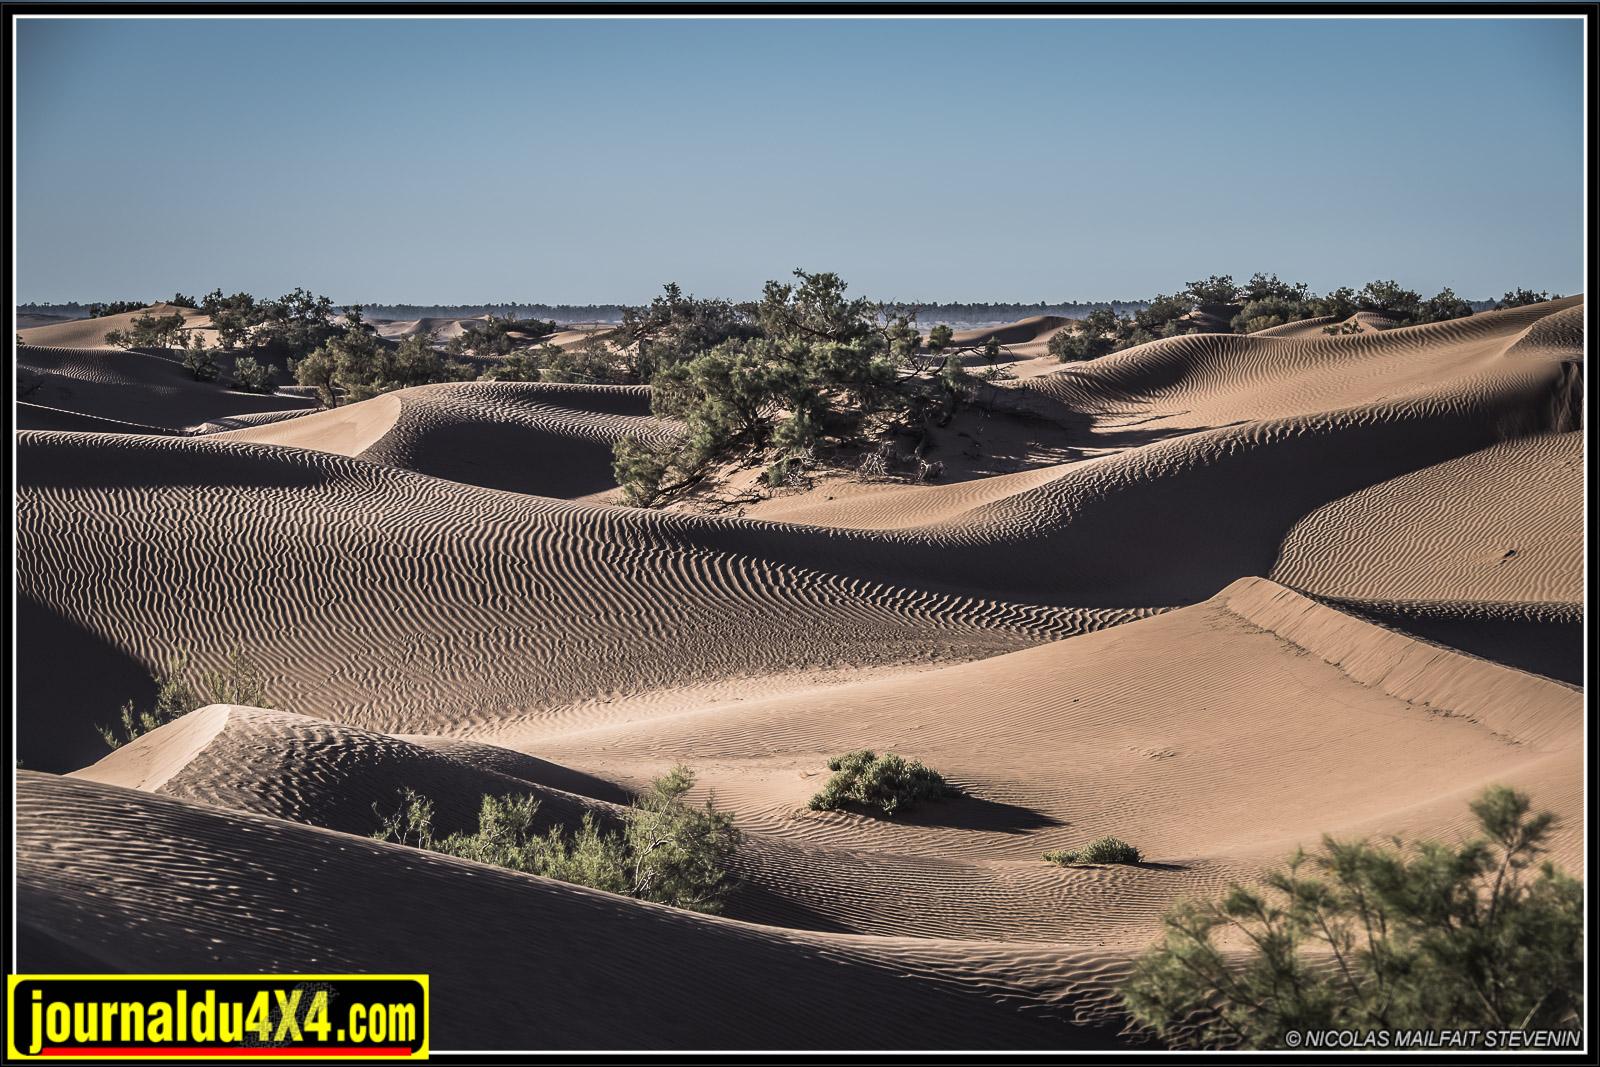 rallye-aicha-gazelles-maroc-2017-7027.jpg